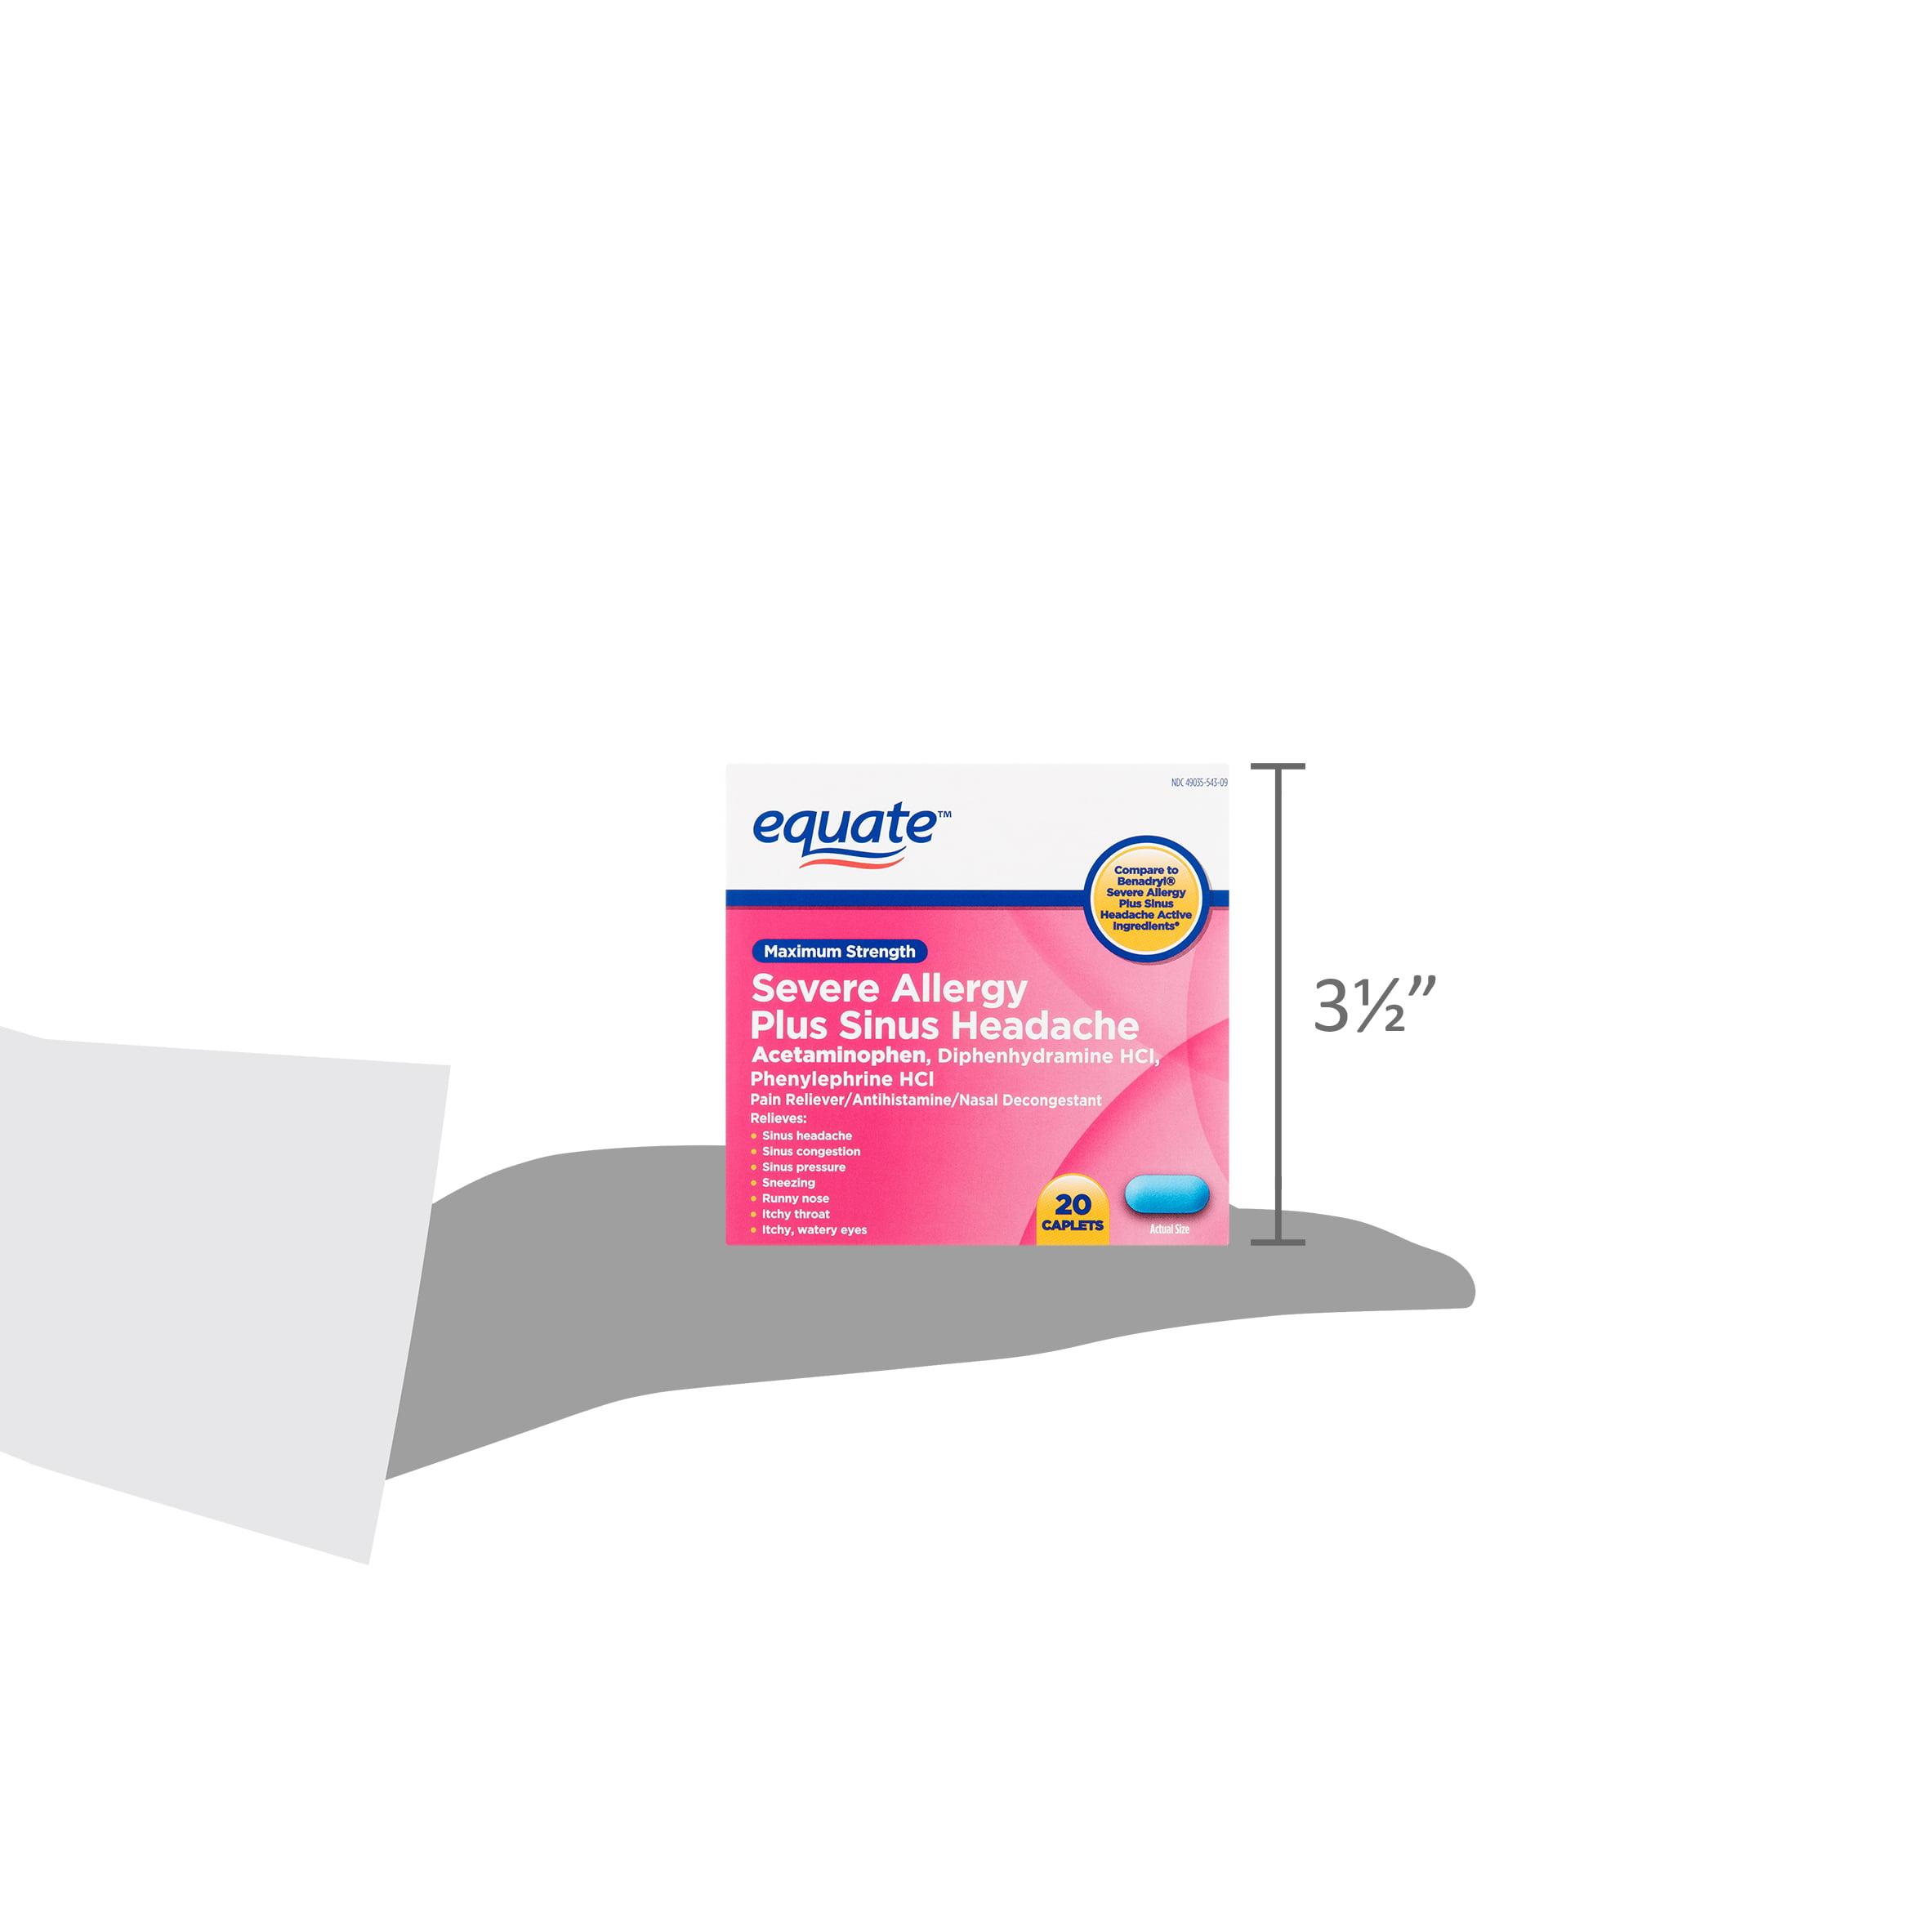 Equate Maximum Strength Severe Allergy Plus Sinus Headache Caplets